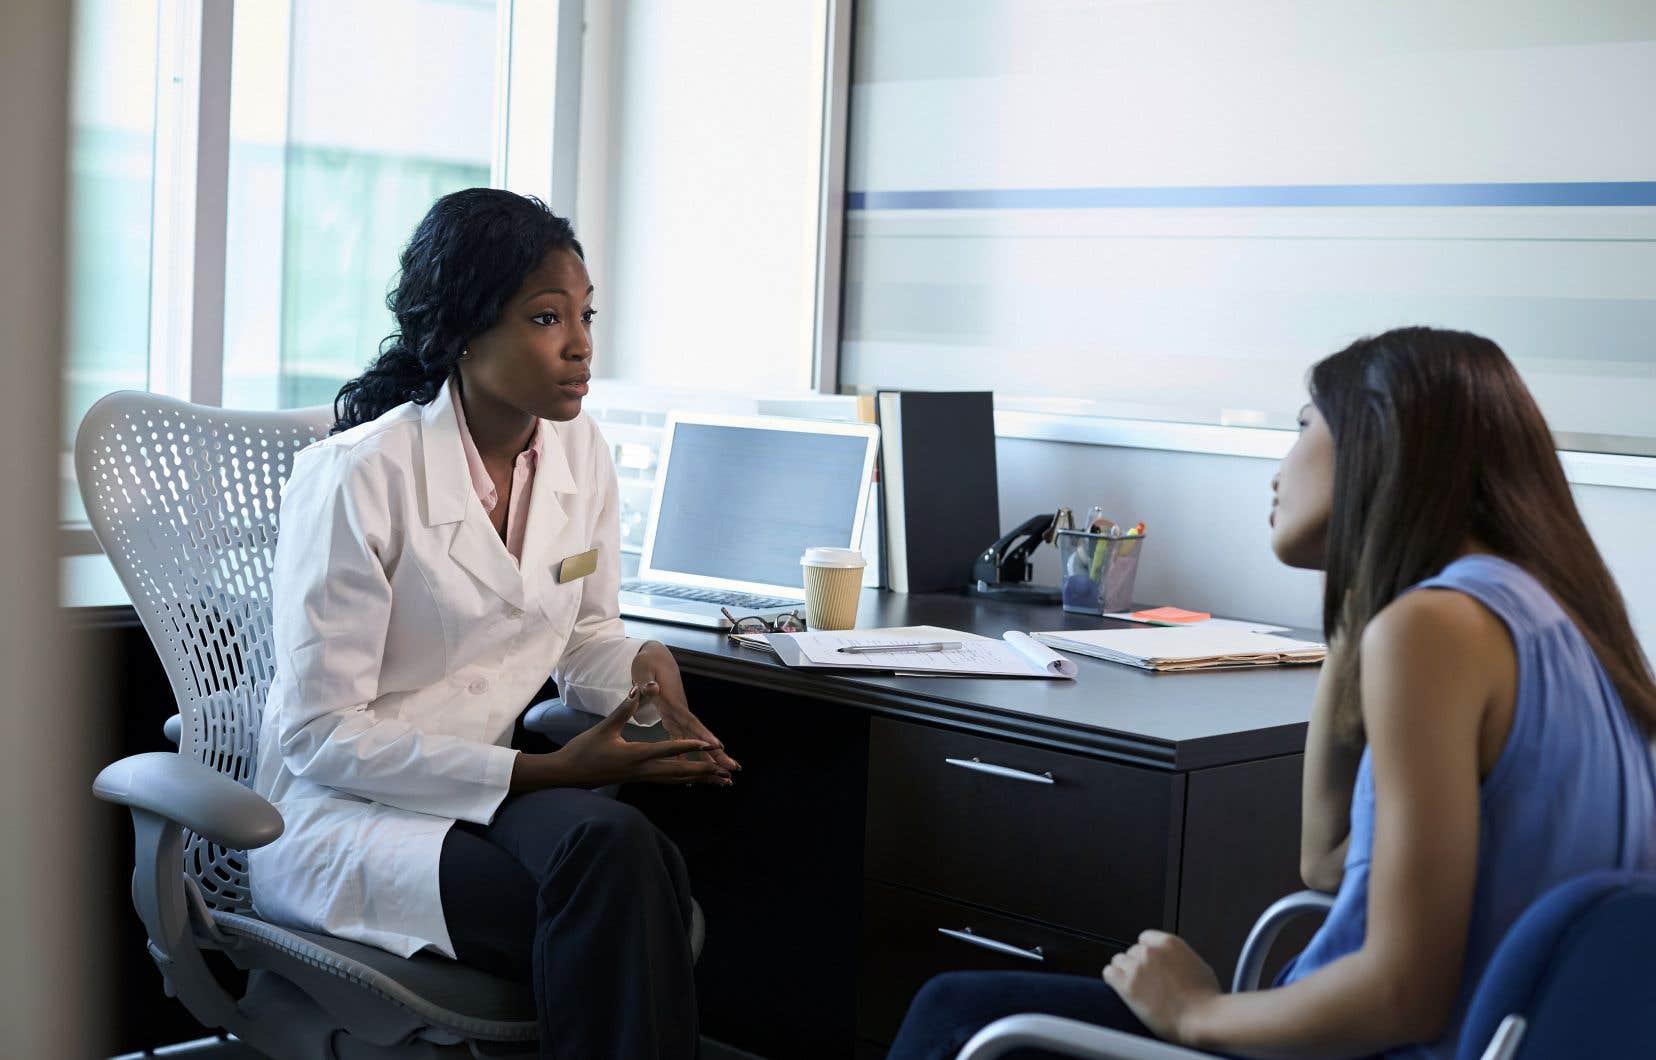 En se racontant, la personne malade donne du sens à ce qui lui arrive. Un sens que le médecin doit être capable d'interpréter, vis-à-vis duquel il doit pouvoir ressentir de l'émotion.